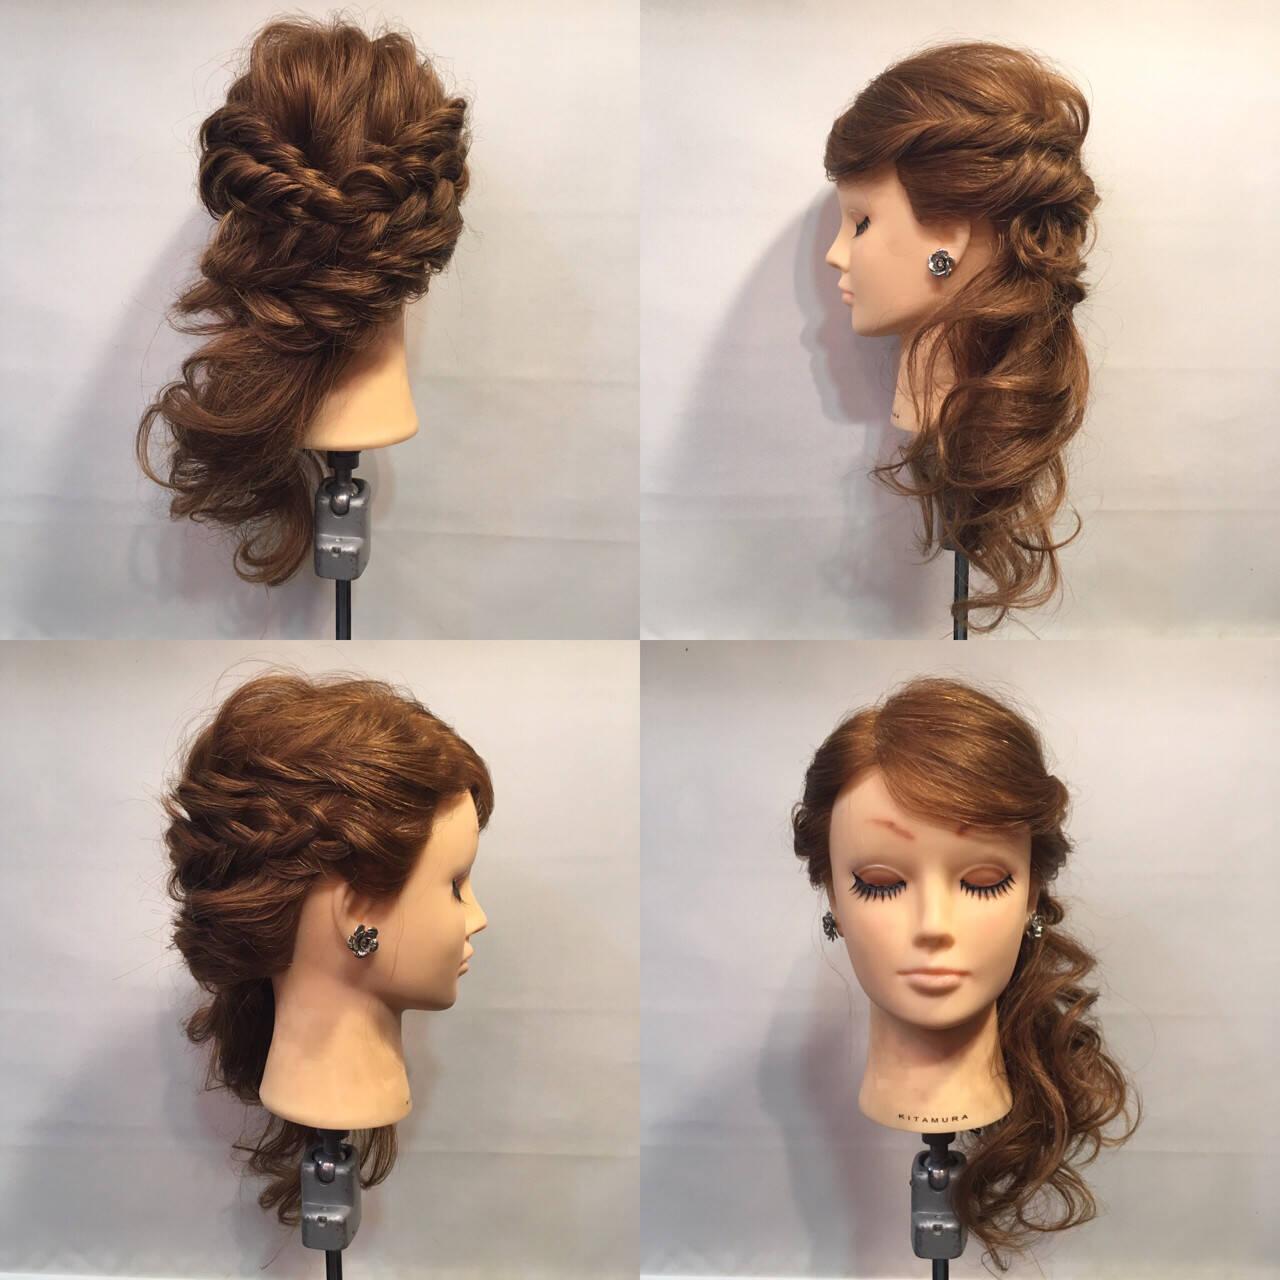 裏編み込み セミロング サイドアップ ヘアアレンジヘアスタイルや髪型の写真・画像